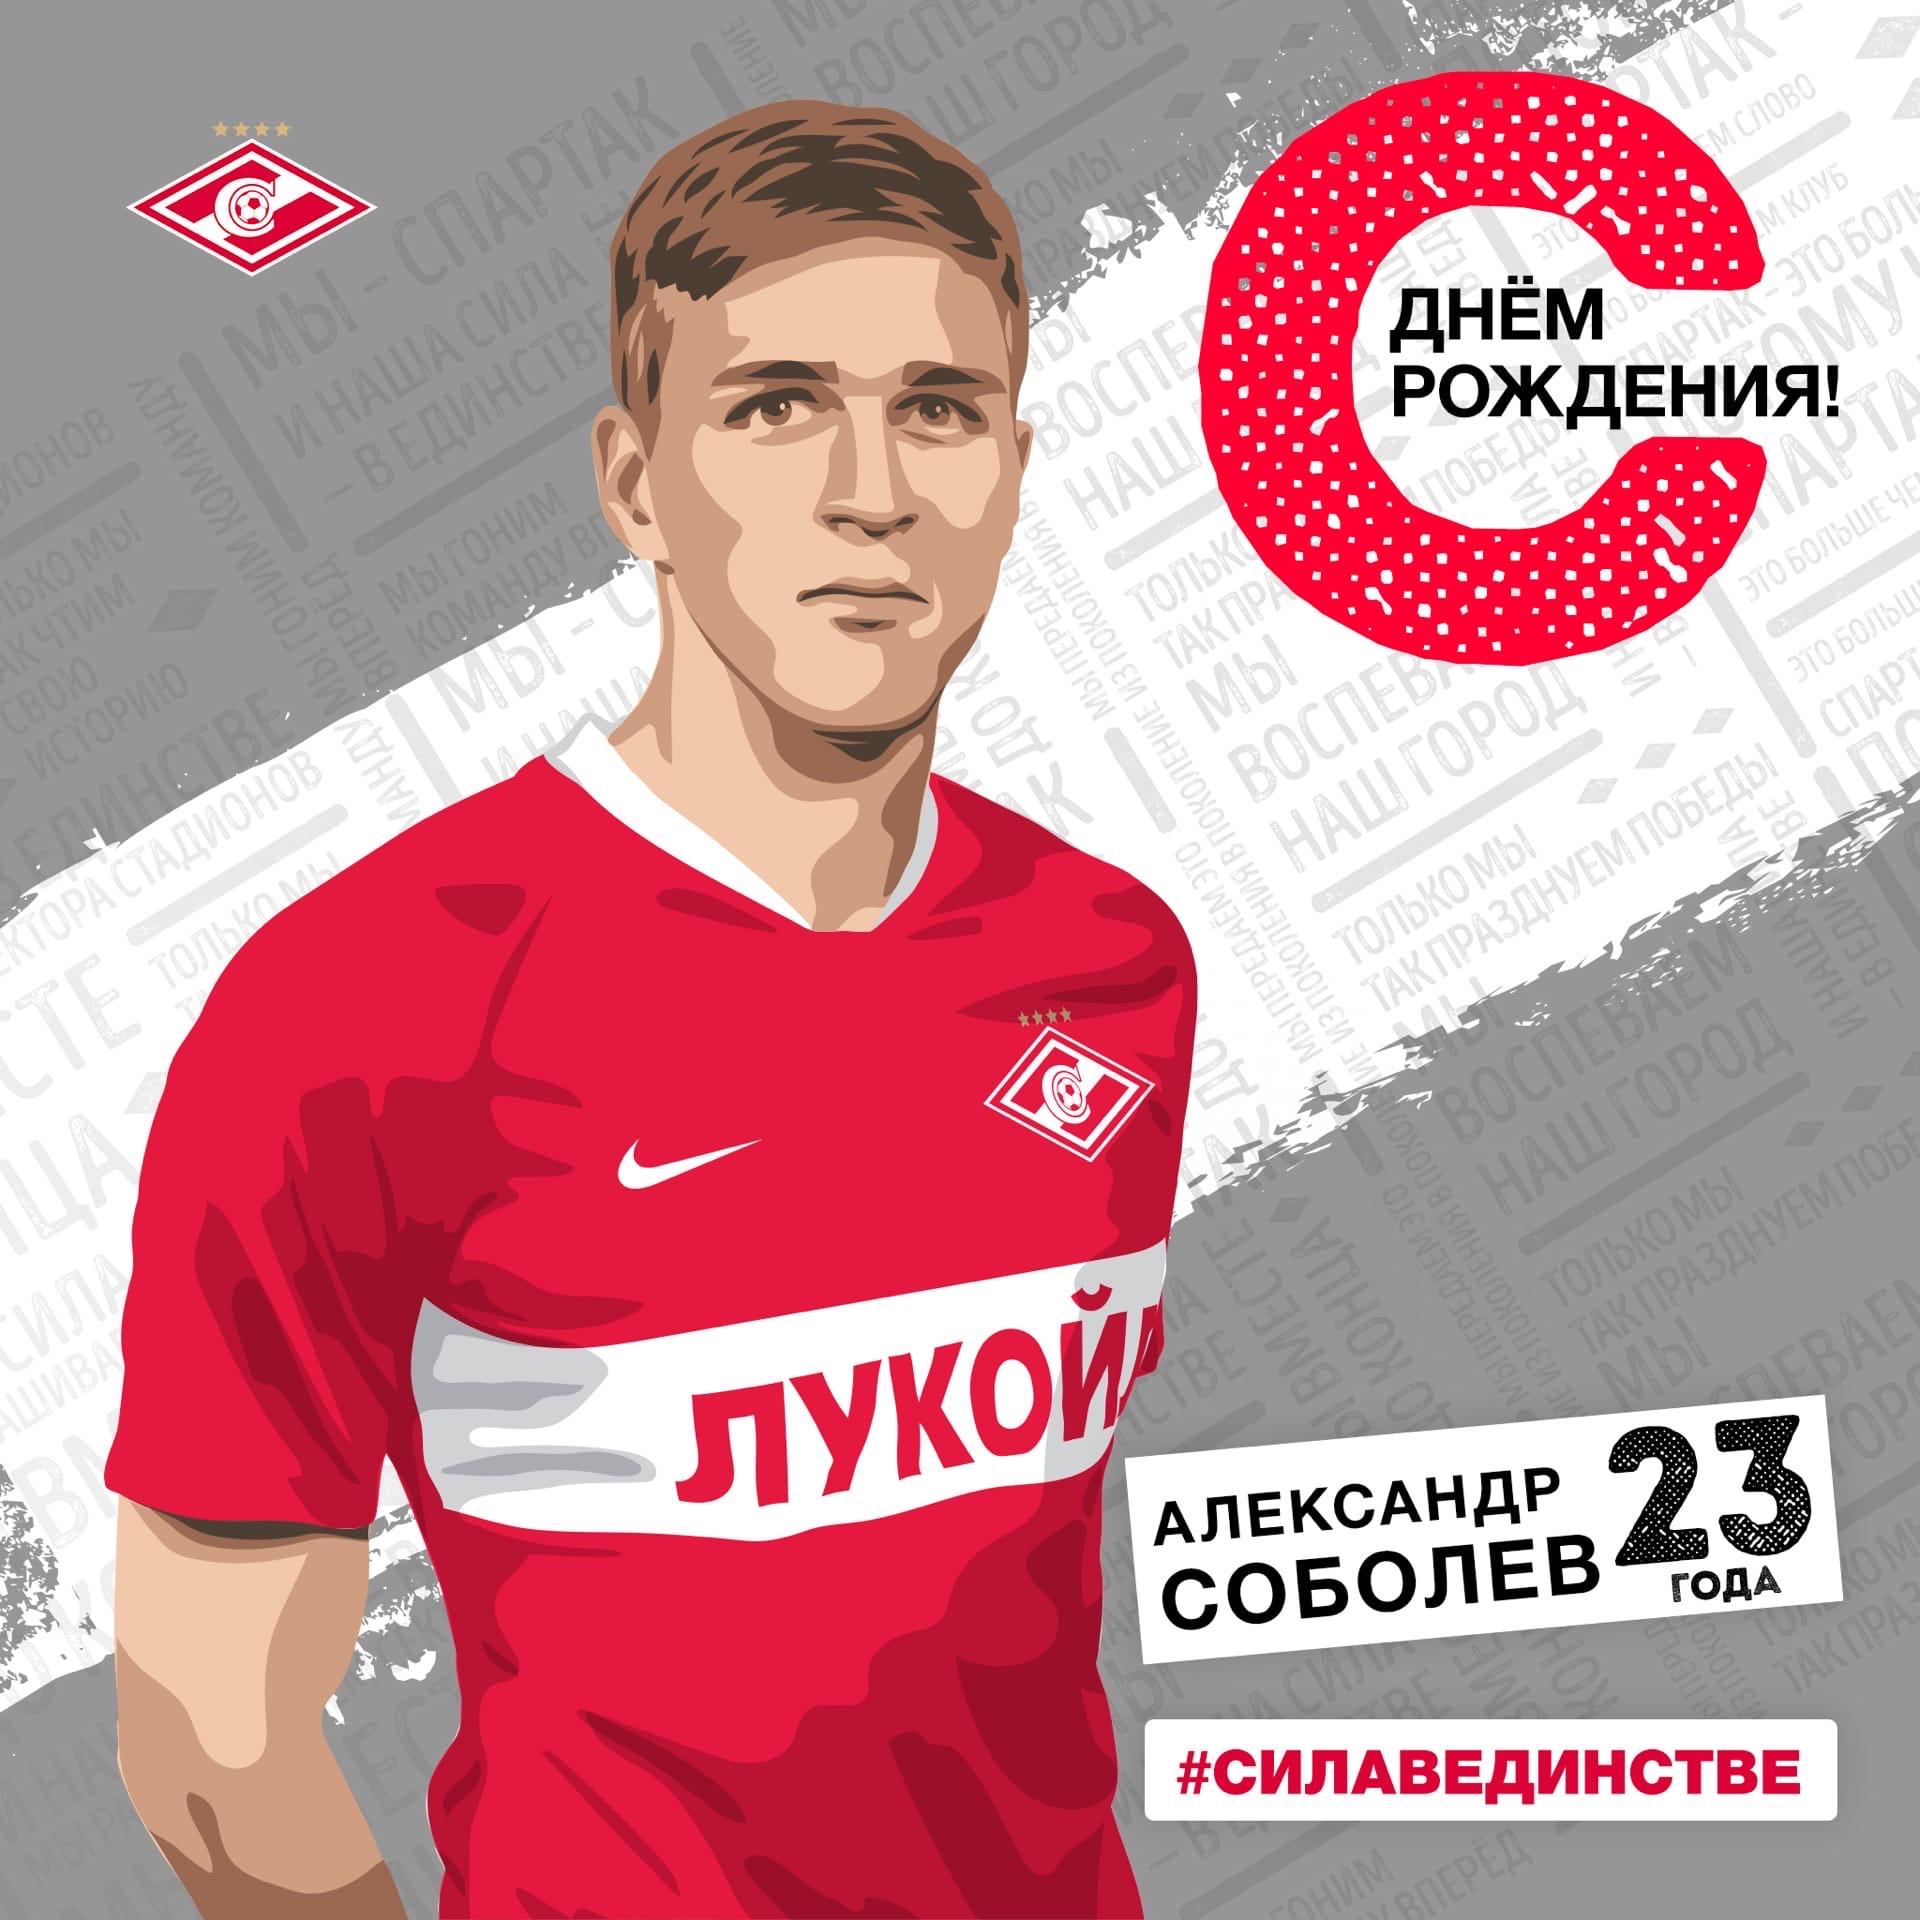 Поздравляем Александра Соболева!